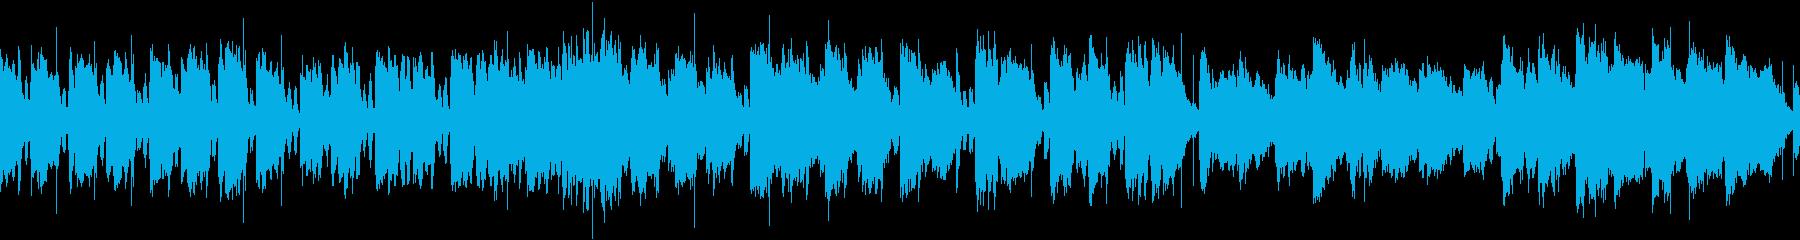 ロック エレキギター 調波 ヘヴィロックの再生済みの波形